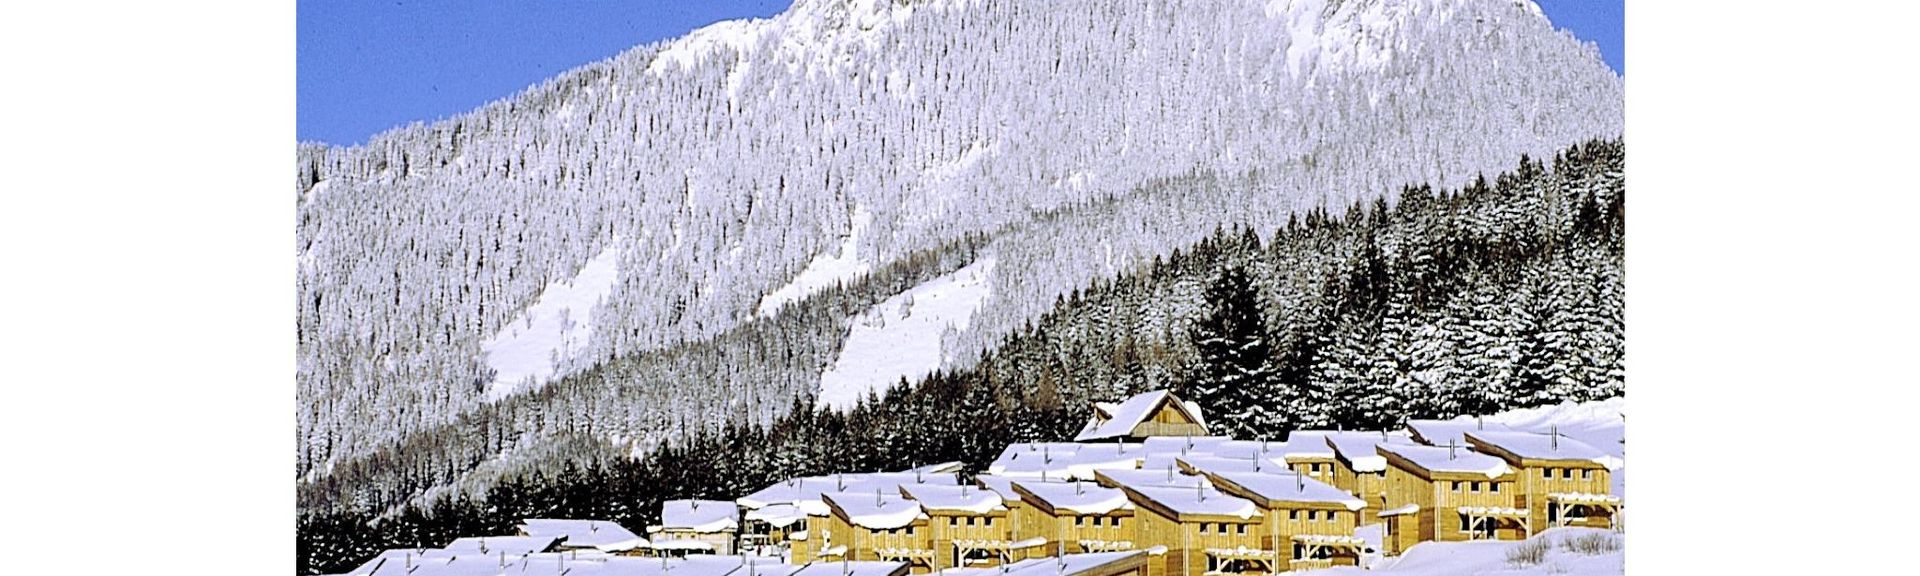 Admont Frauenberg an der Enns station, Admont, Styria, Österrike